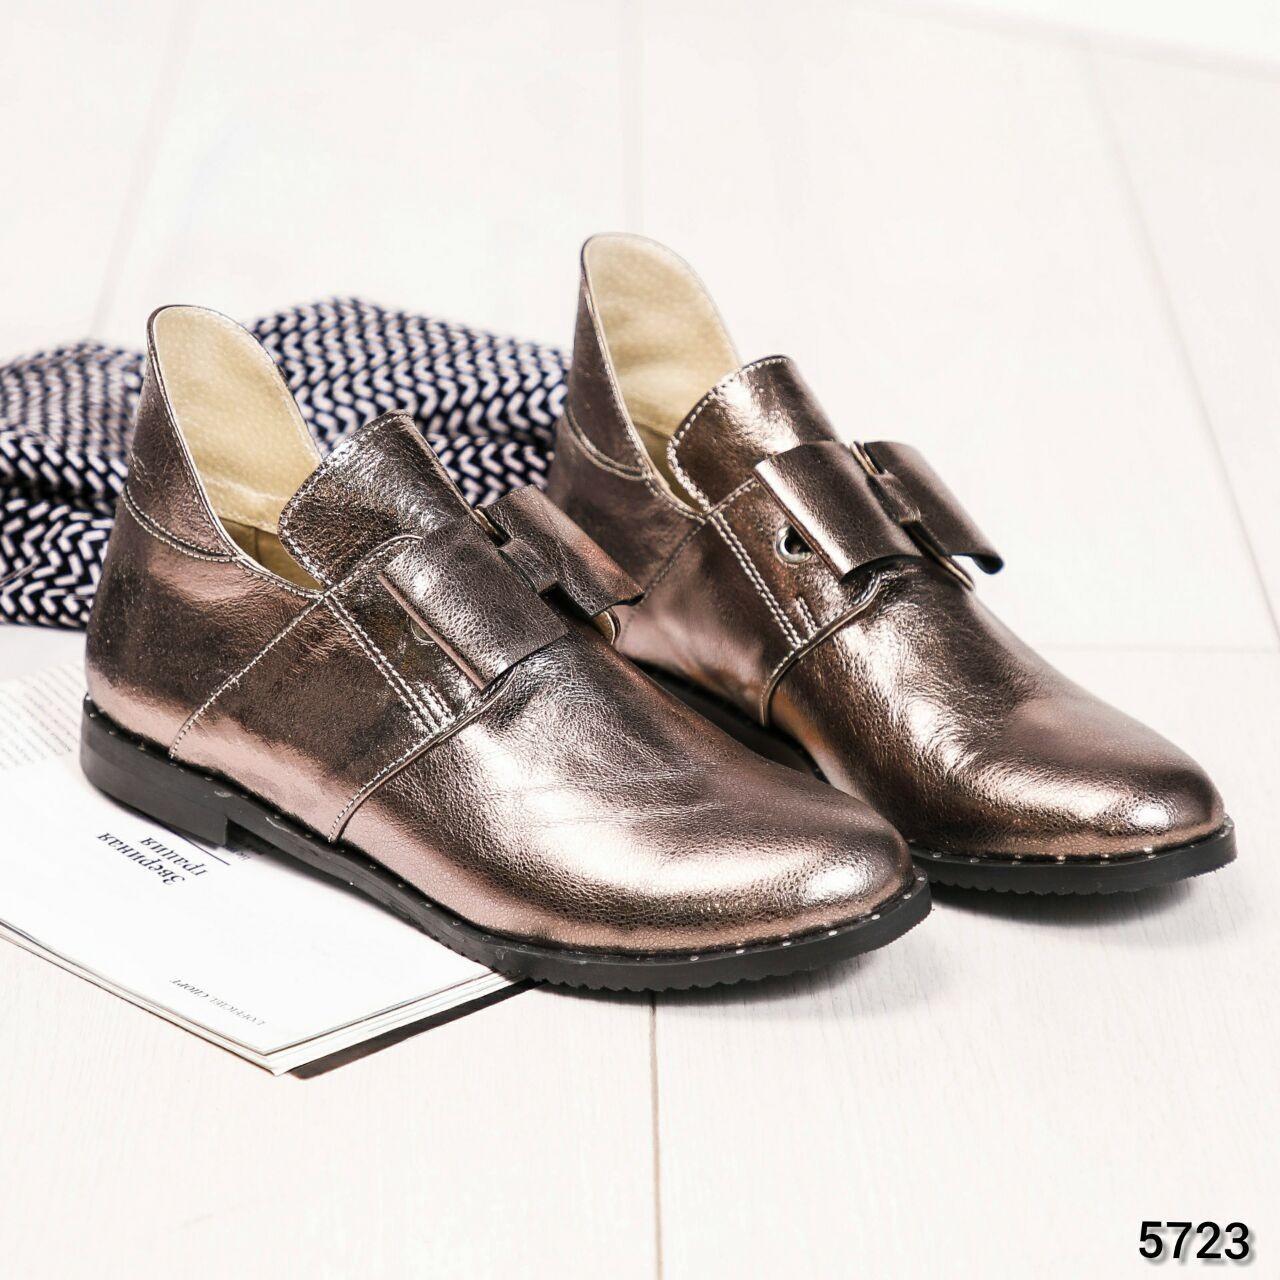 Женские Ботинки открытые с бантом, Натуральная кожа сатин. Размер 37